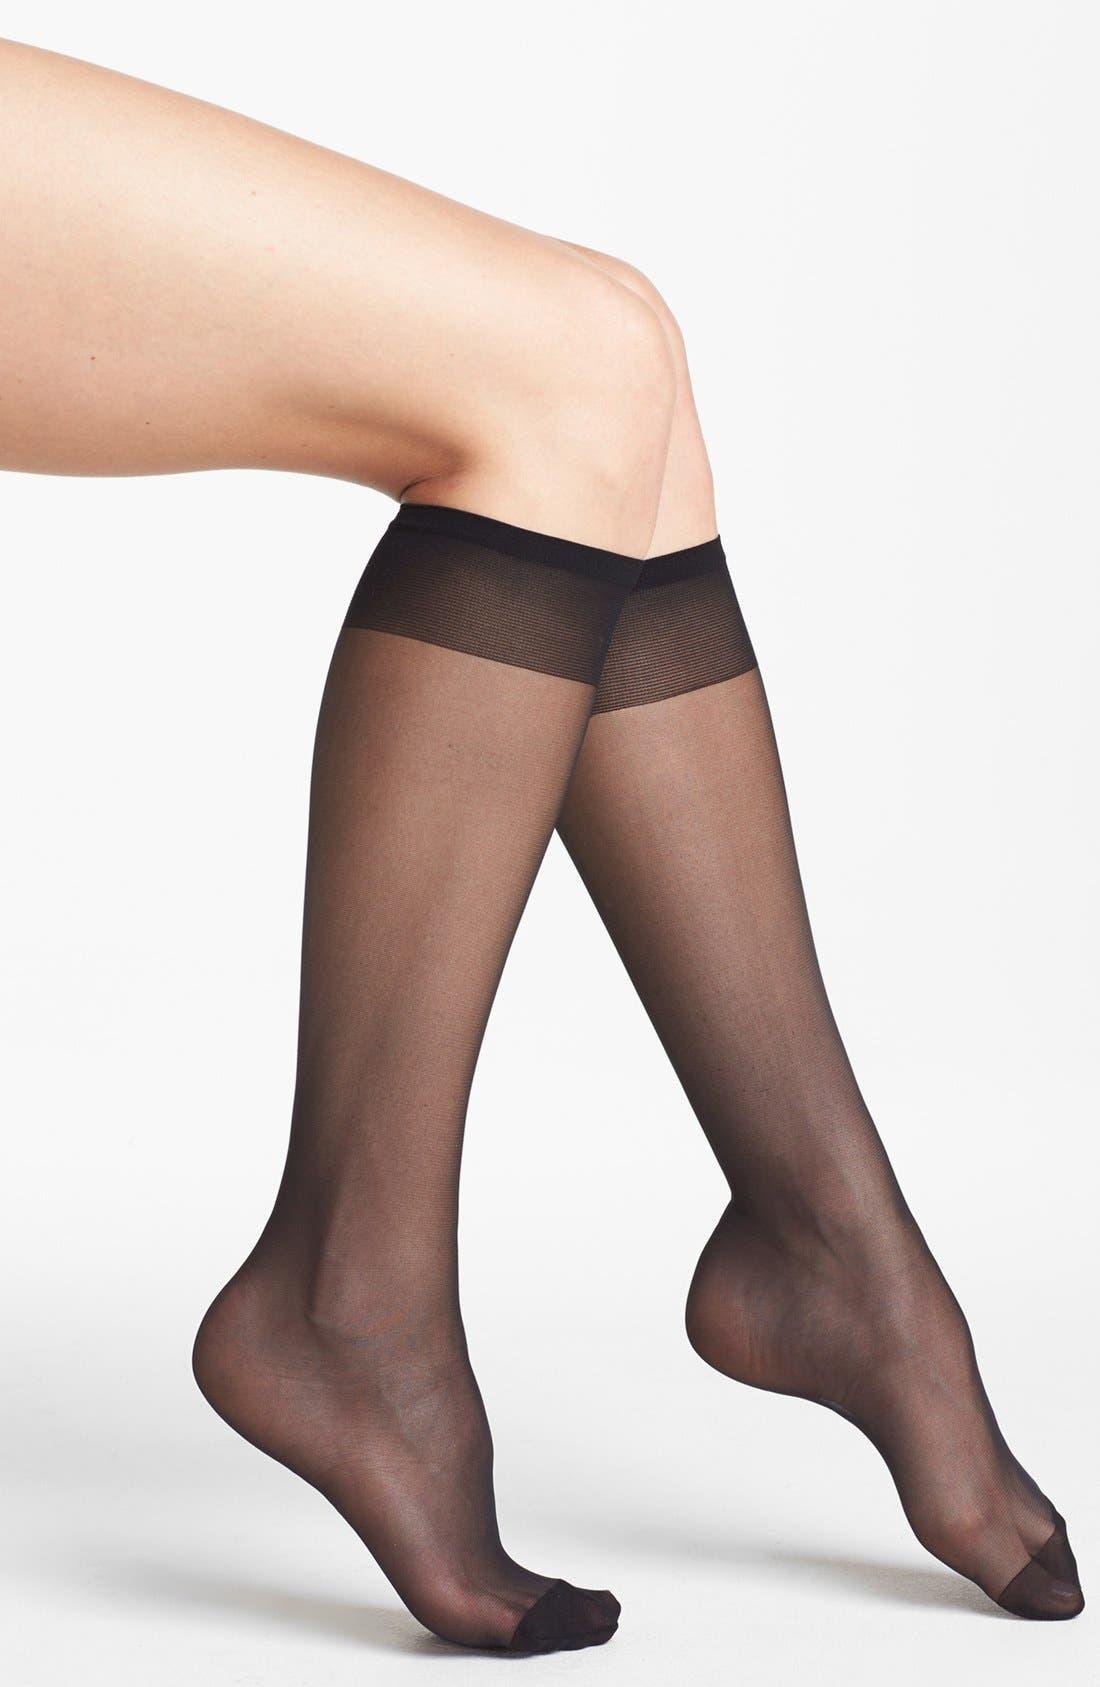 Alternate Image 1 Selected - Nordstrom Sheer Knee High Trouser Socks